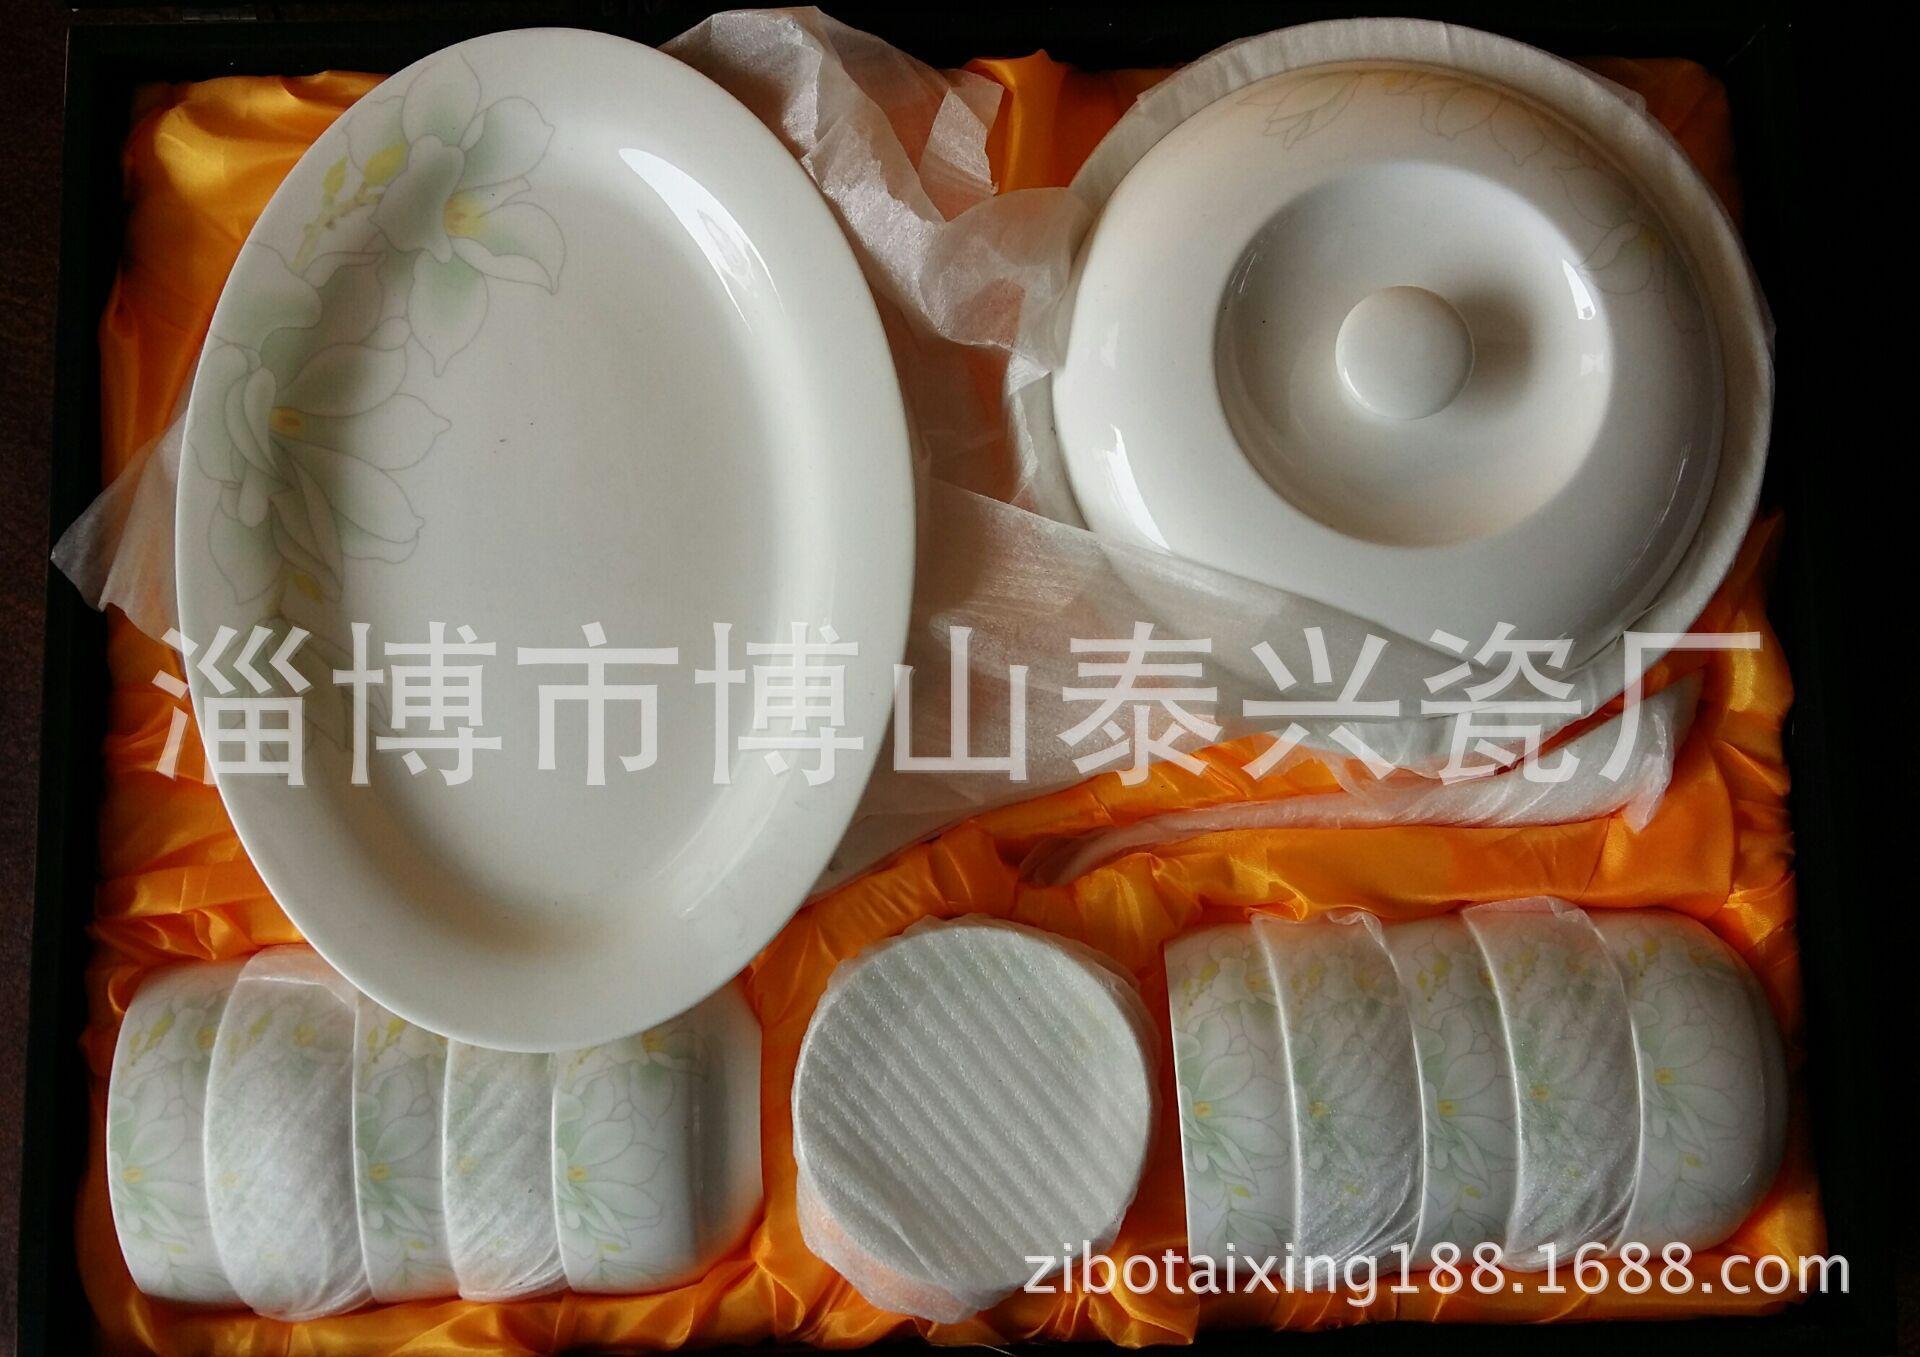 餐具礼品套盒餐具礼品套盒定制餐具礼品套盒厂餐具礼品套盒批发